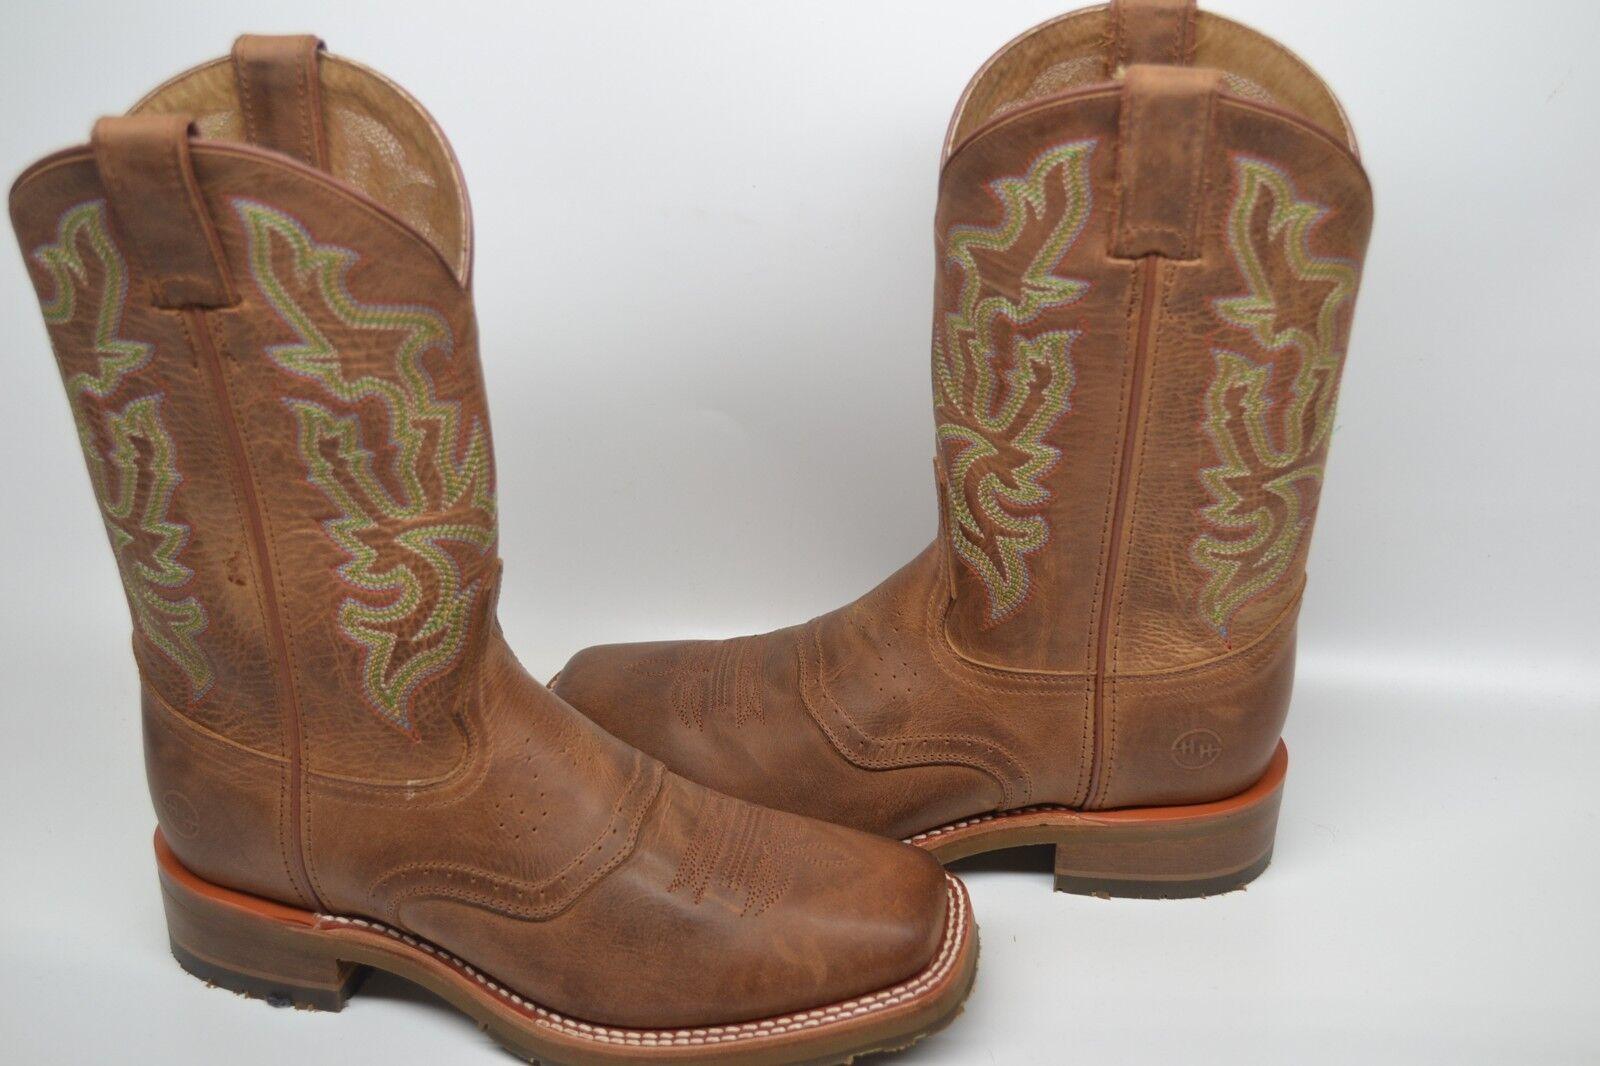 Double H Hombres DH3588 Alamo ARENA Oak dedo del pie cuadrado de 11  de ancho Western botas tan 10.5 D